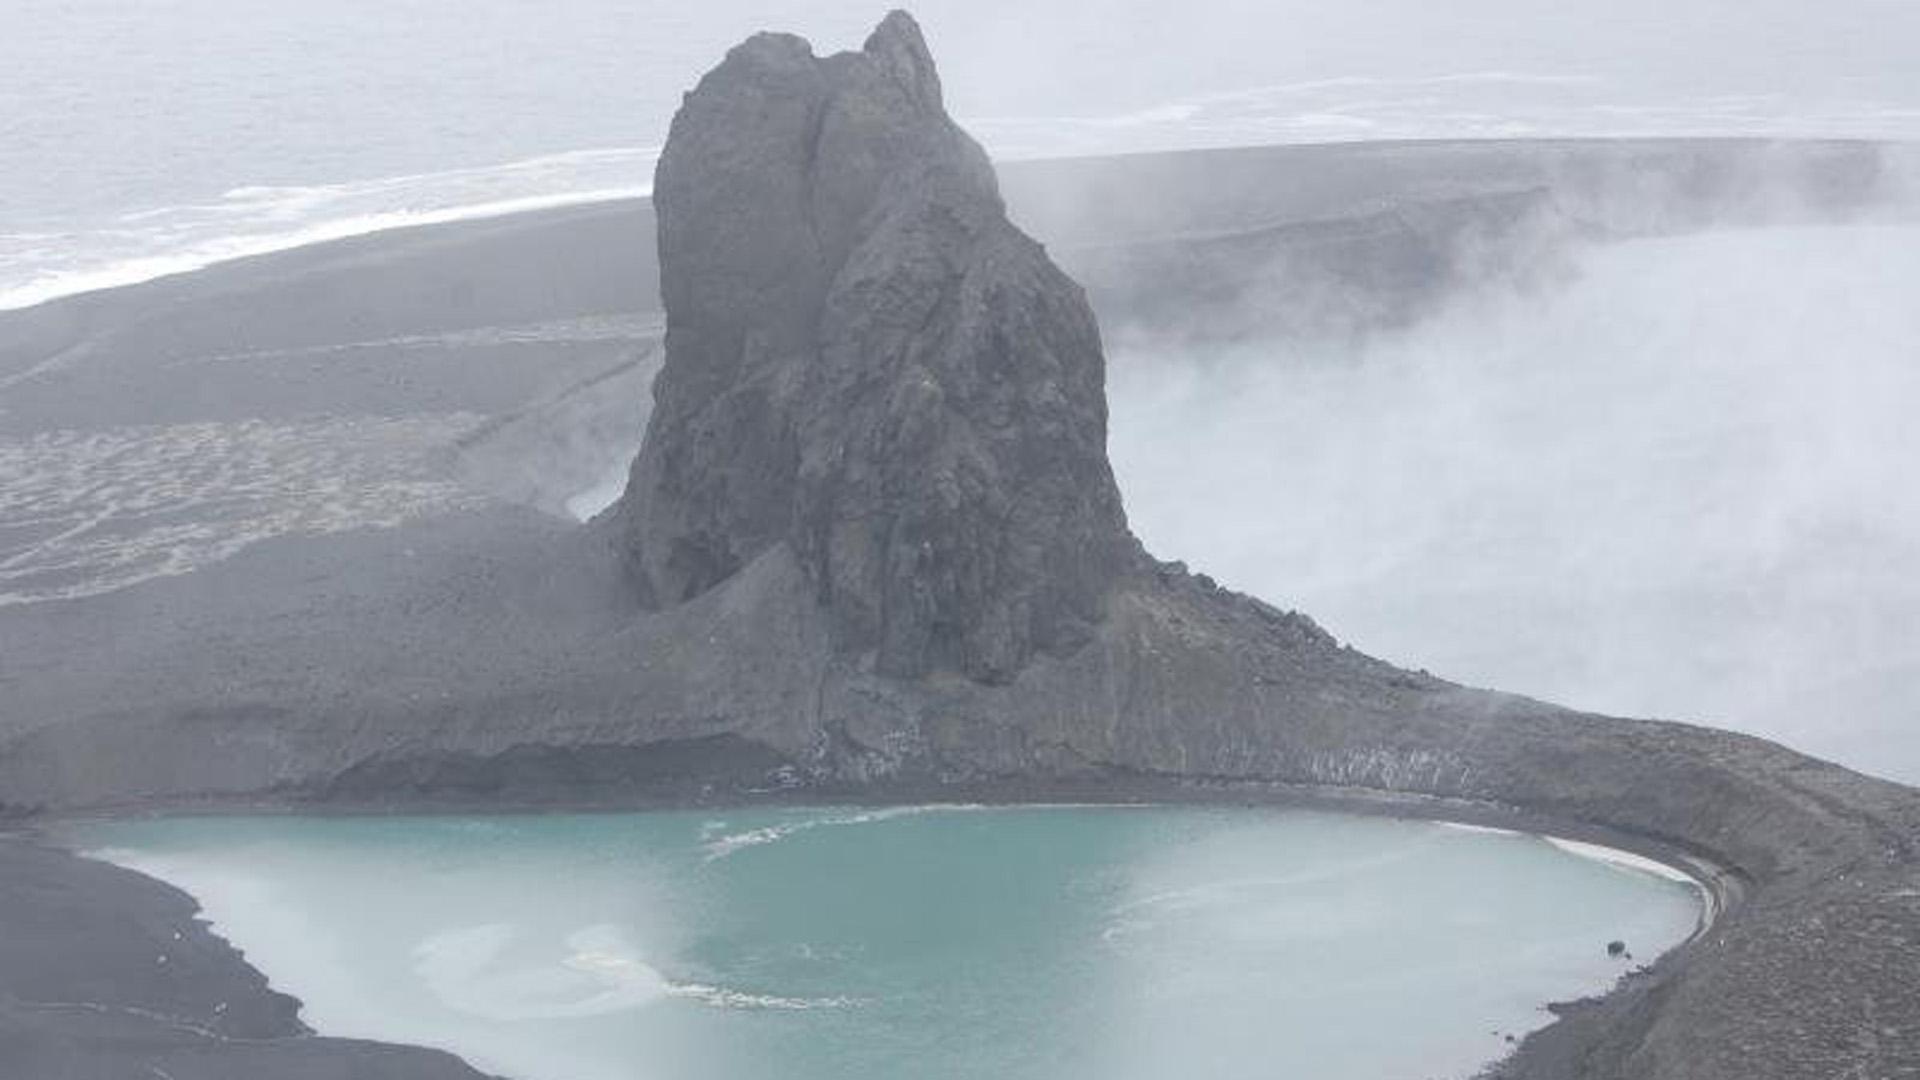 volcano_1496053603209-159532.jpg07793426